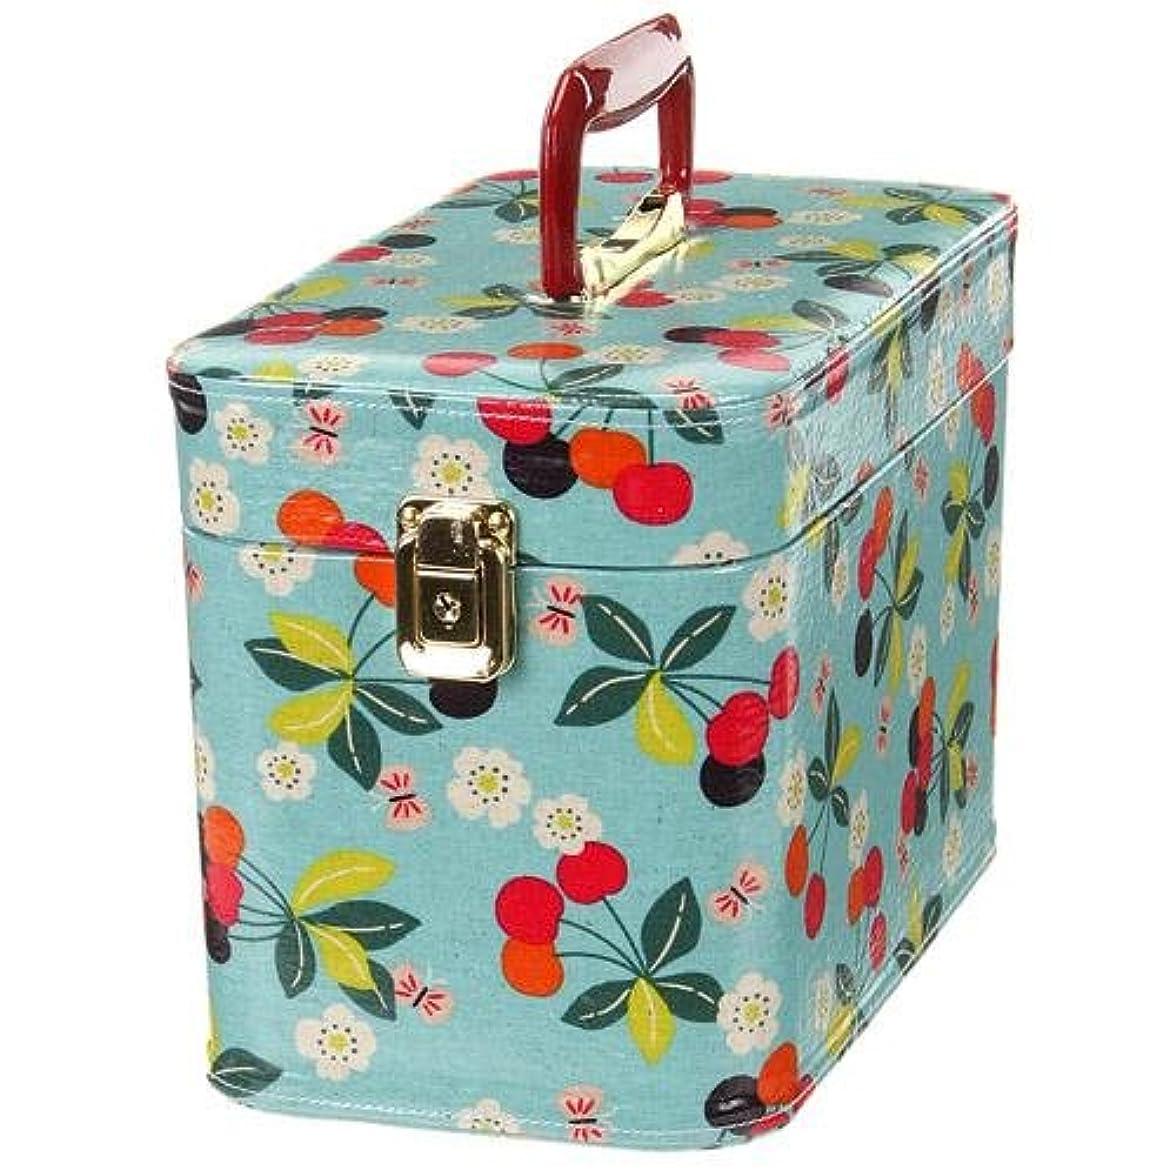 日本製 メイクボックス (コスメボックス)桜桃柄 30cm マリンブルー トレンケース(鍵付き/コスメボックス)